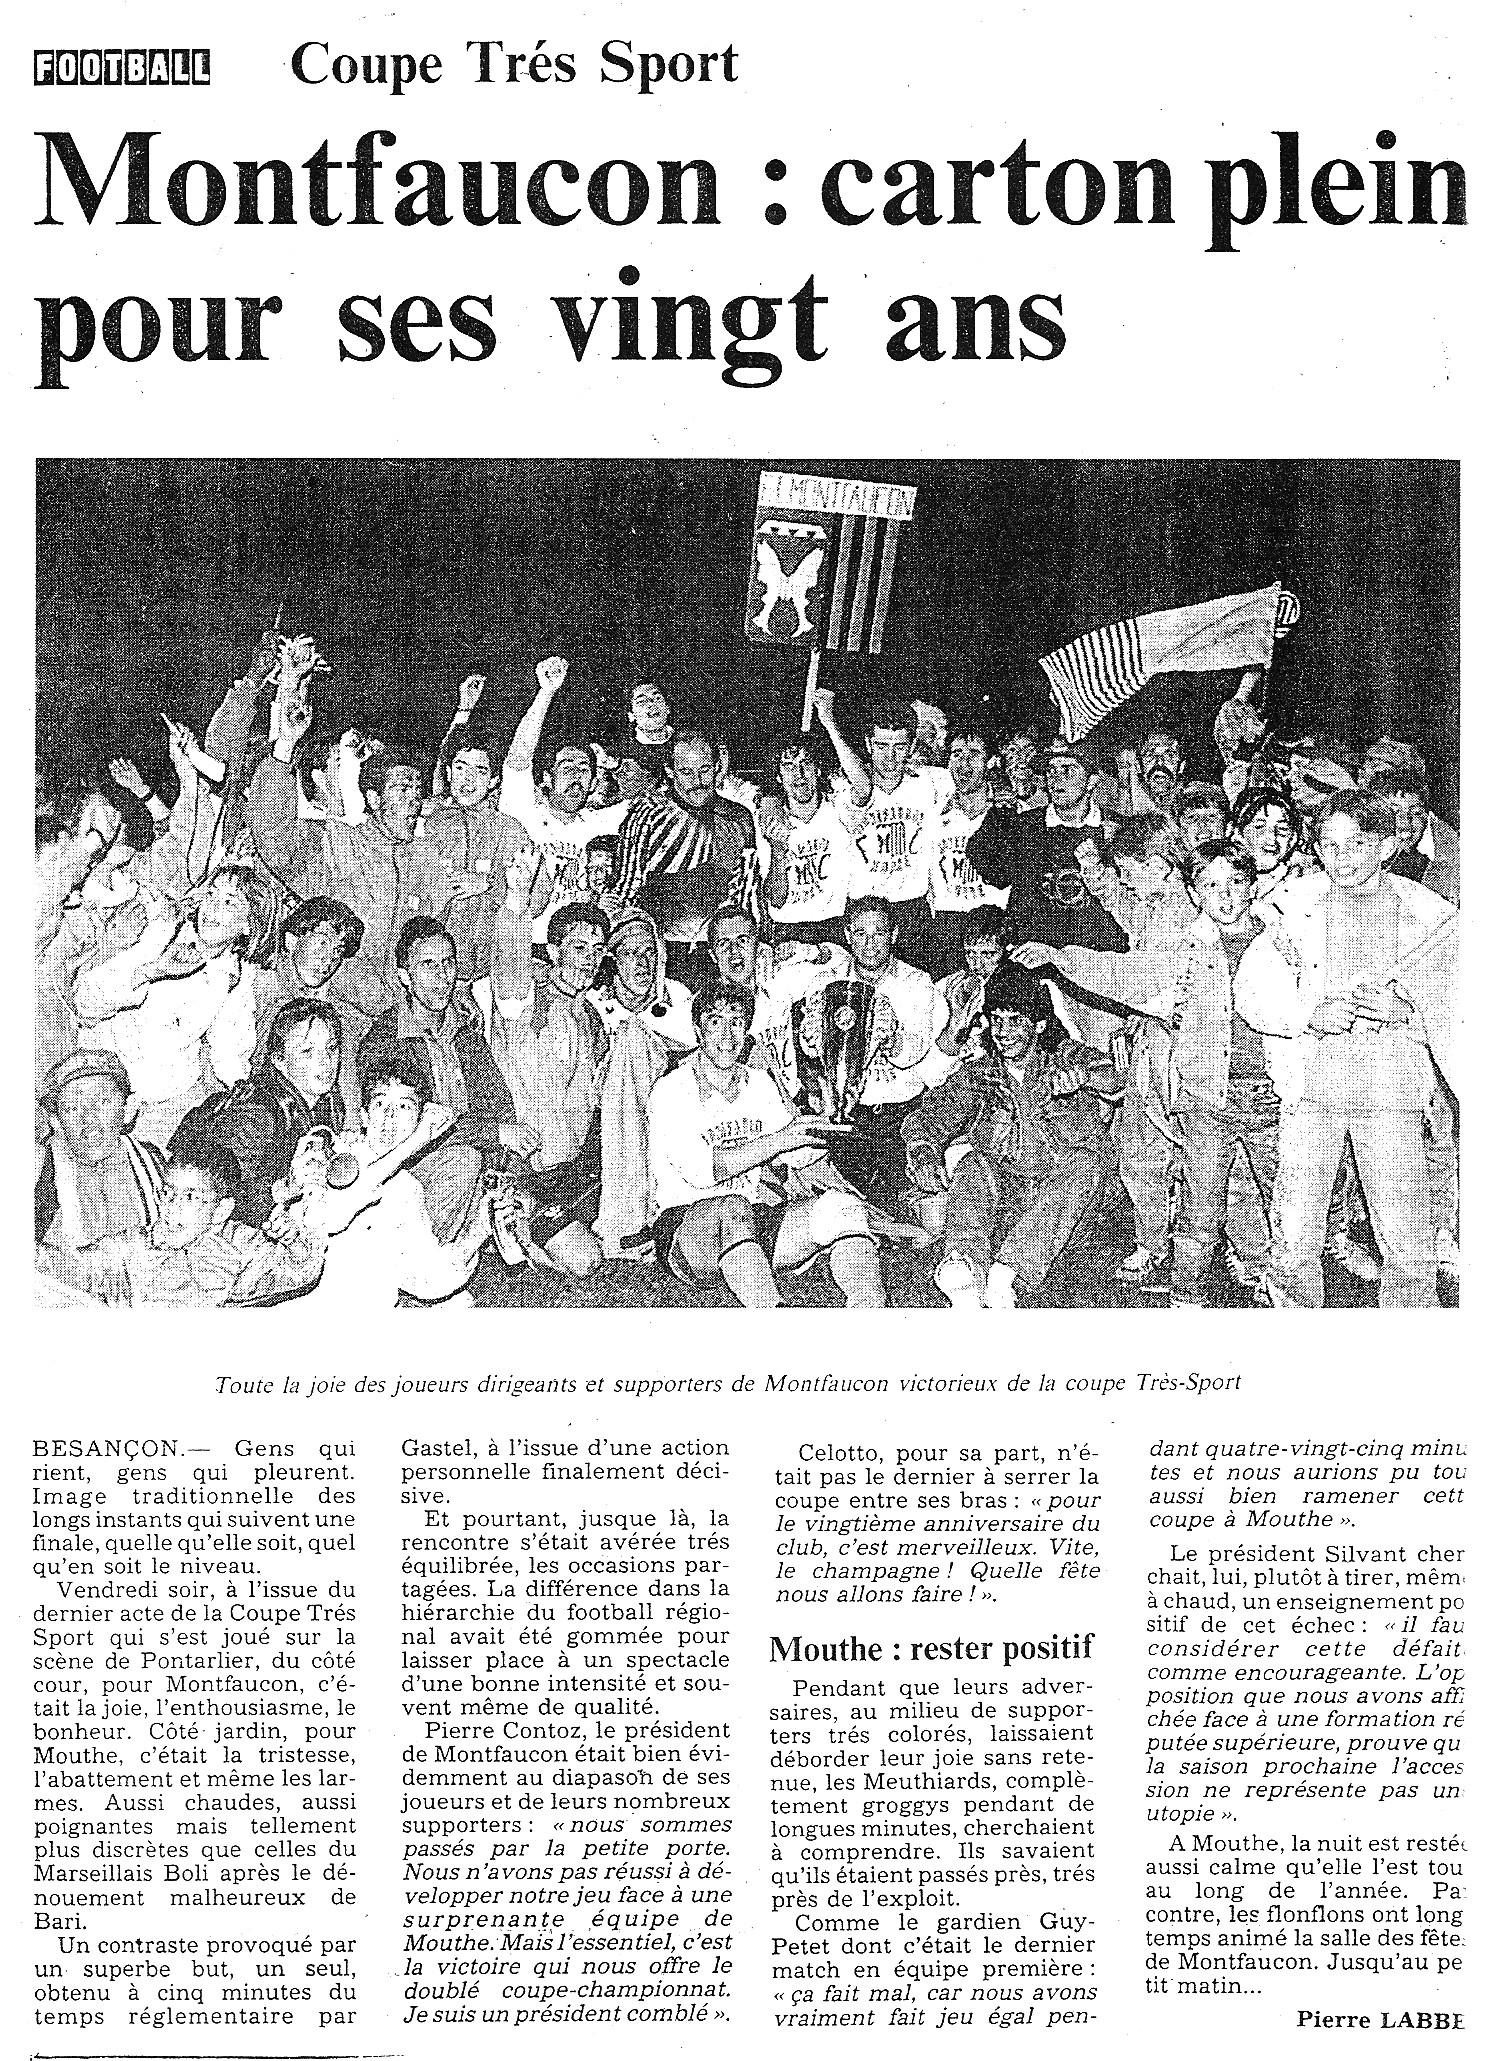 06/1991 - Montfaucon : Carton plein pour ses 20 ans